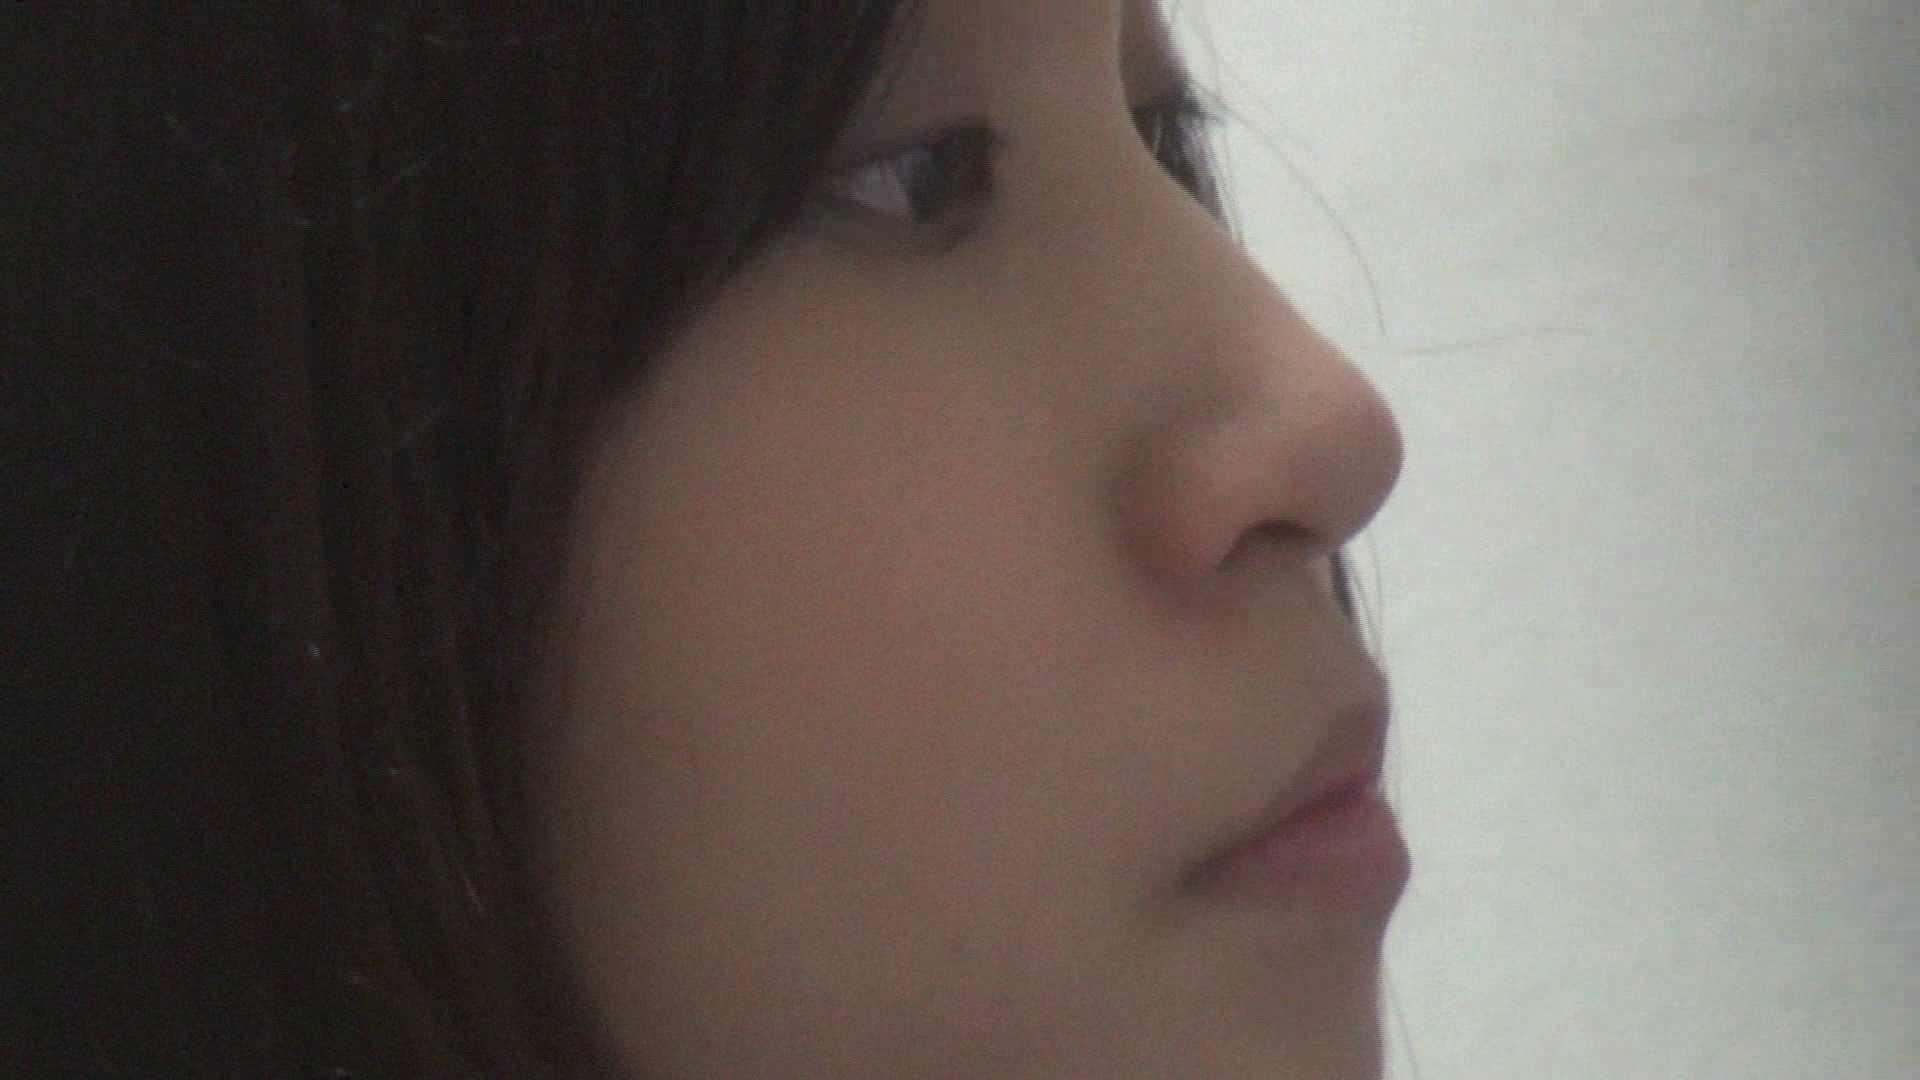 【05】仕事が忙しくて・・・久しぶりにベランダで待ち伏せ マンコ・ムレムレ すけべAV動画紹介 94pic 88